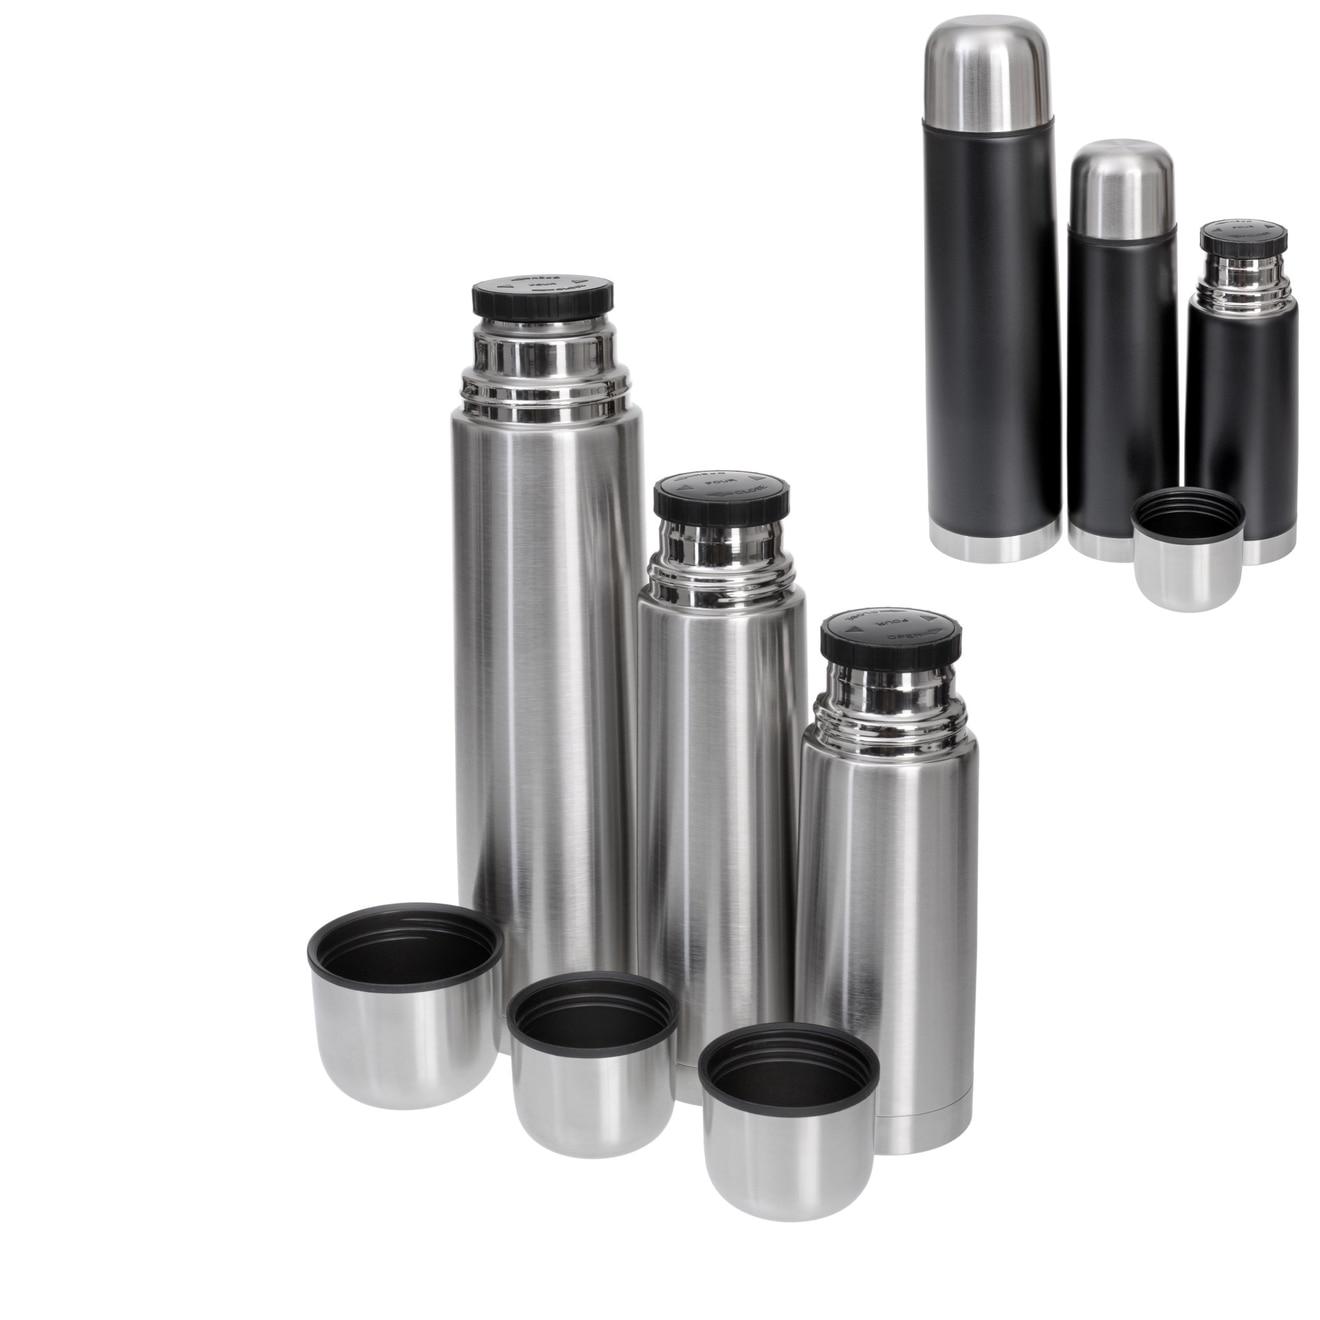 GRÄWE Isolierflaschen-Set THERMOHOME 3er-Set / Edelstahl 18/10 / schwarz oder silber / 3 Größen (1l, 0,5l, 0,35l) + 2 Ersatzdichtungen